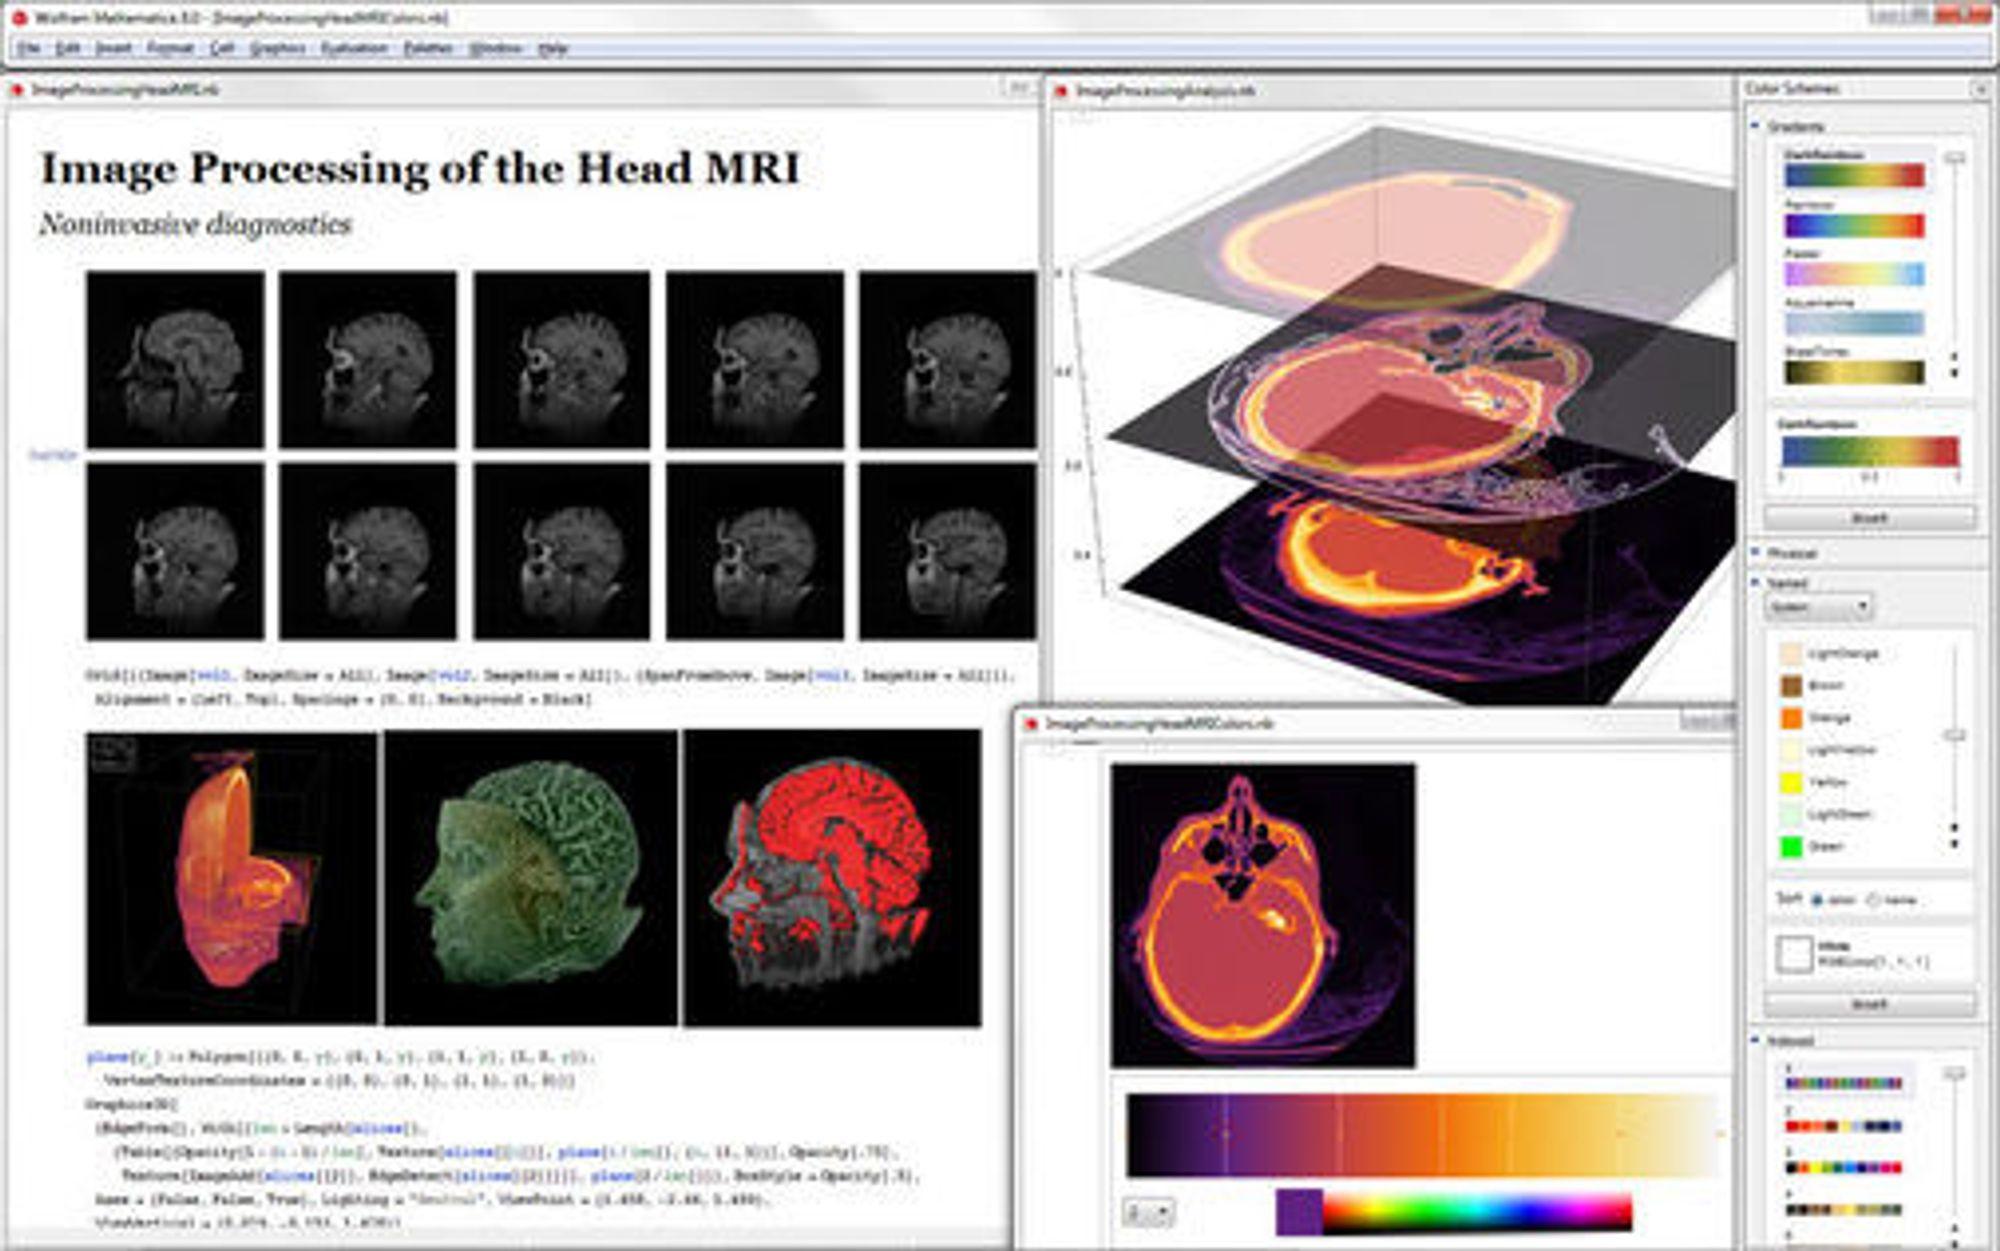 Avansert bildeprosessering i Mathematica 8.